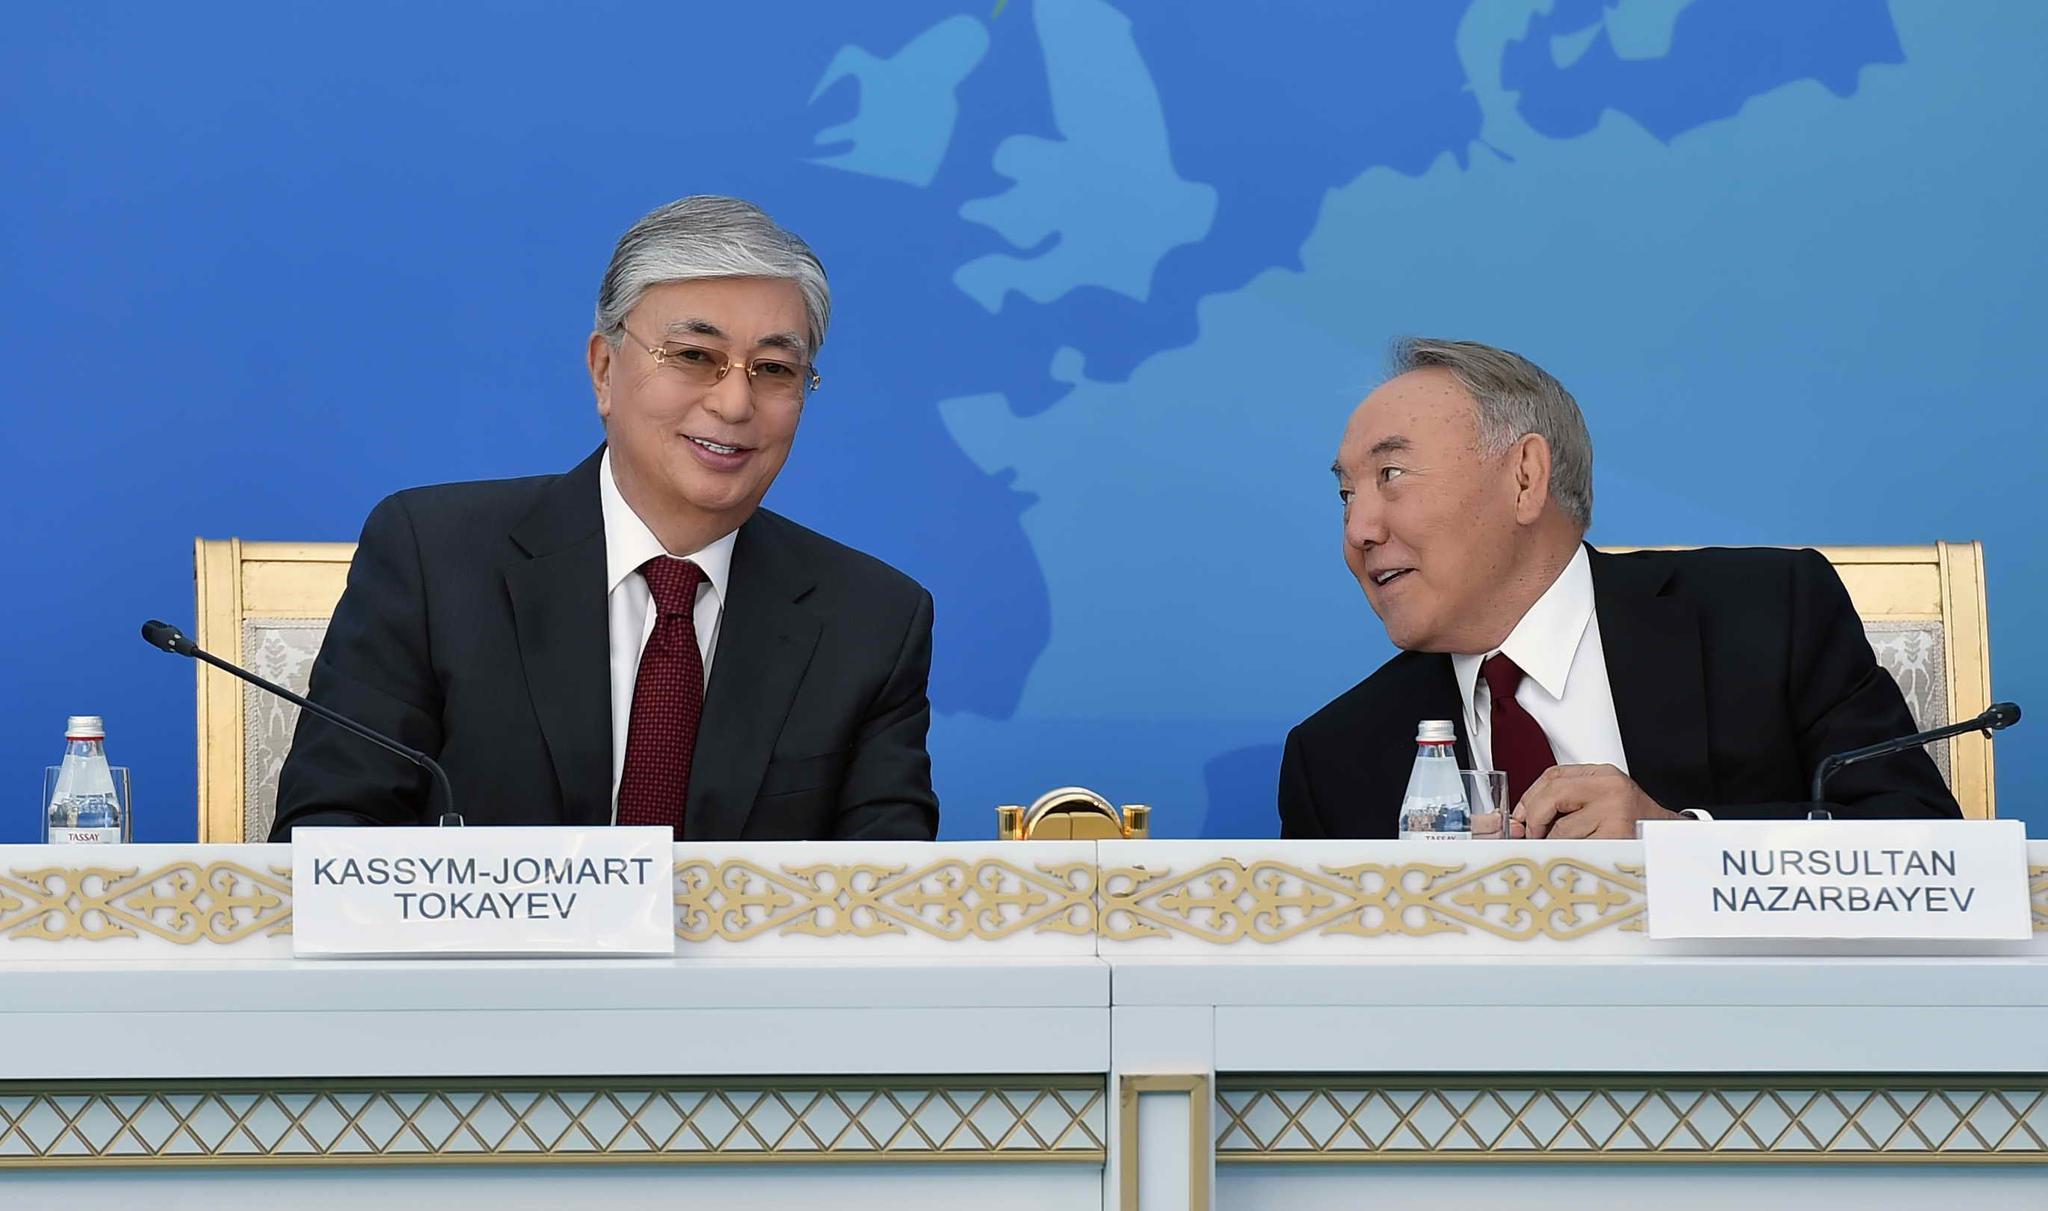 哈萨克斯坦首任总统纳扎尔巴耶夫:有核国家应加强对话维护全球安全